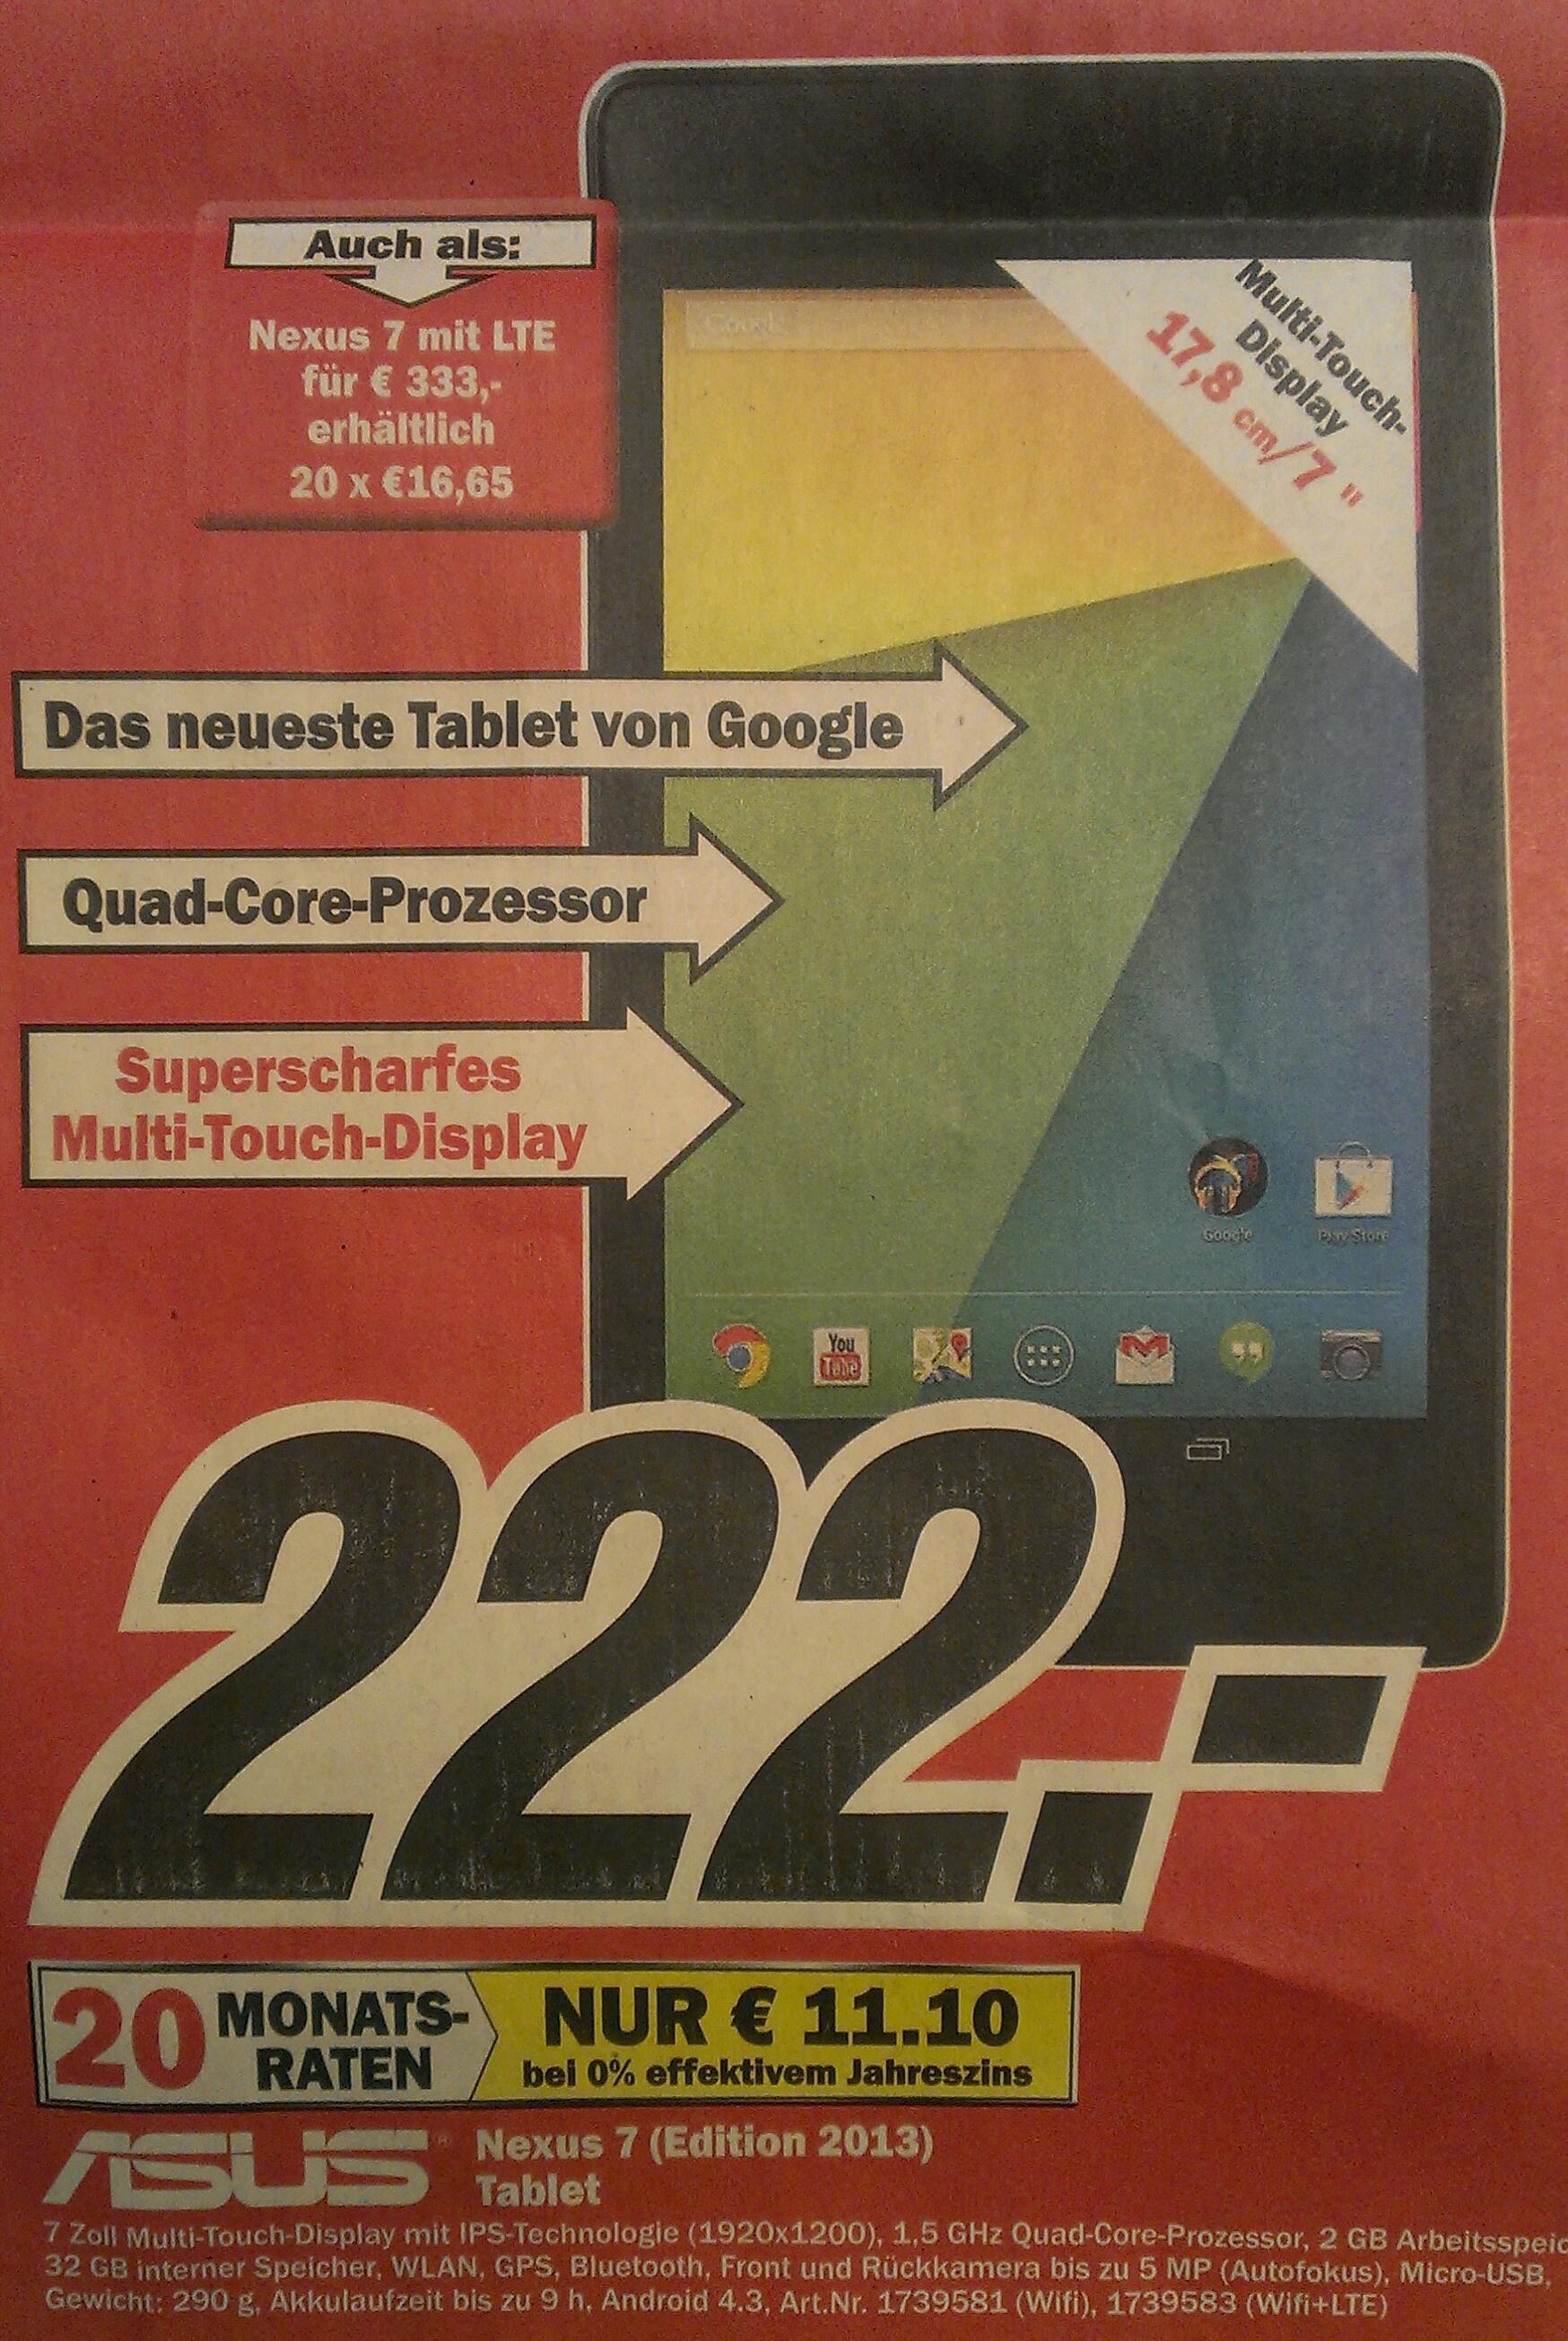 Angebote im Media Markt Lüneburg – Nexus 7 (2013) mit 32 GB für nur 222,-€ / LTE-Version für 333,-€